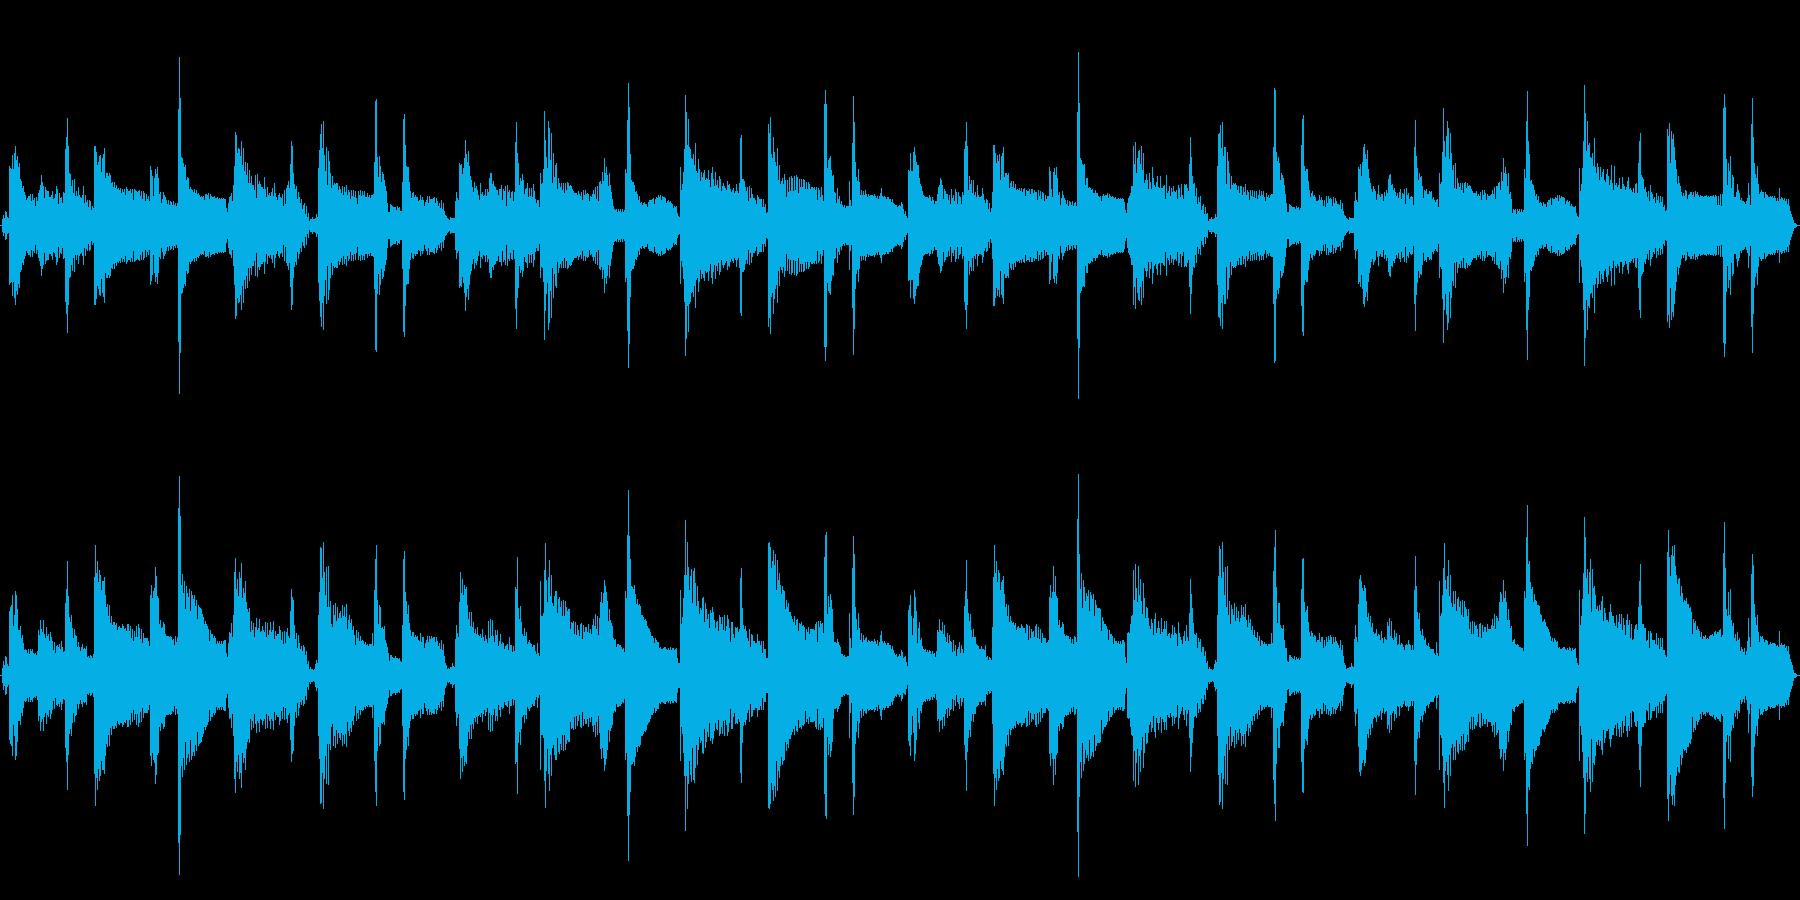 15秒ループ/可愛いウクレレポップスの再生済みの波形